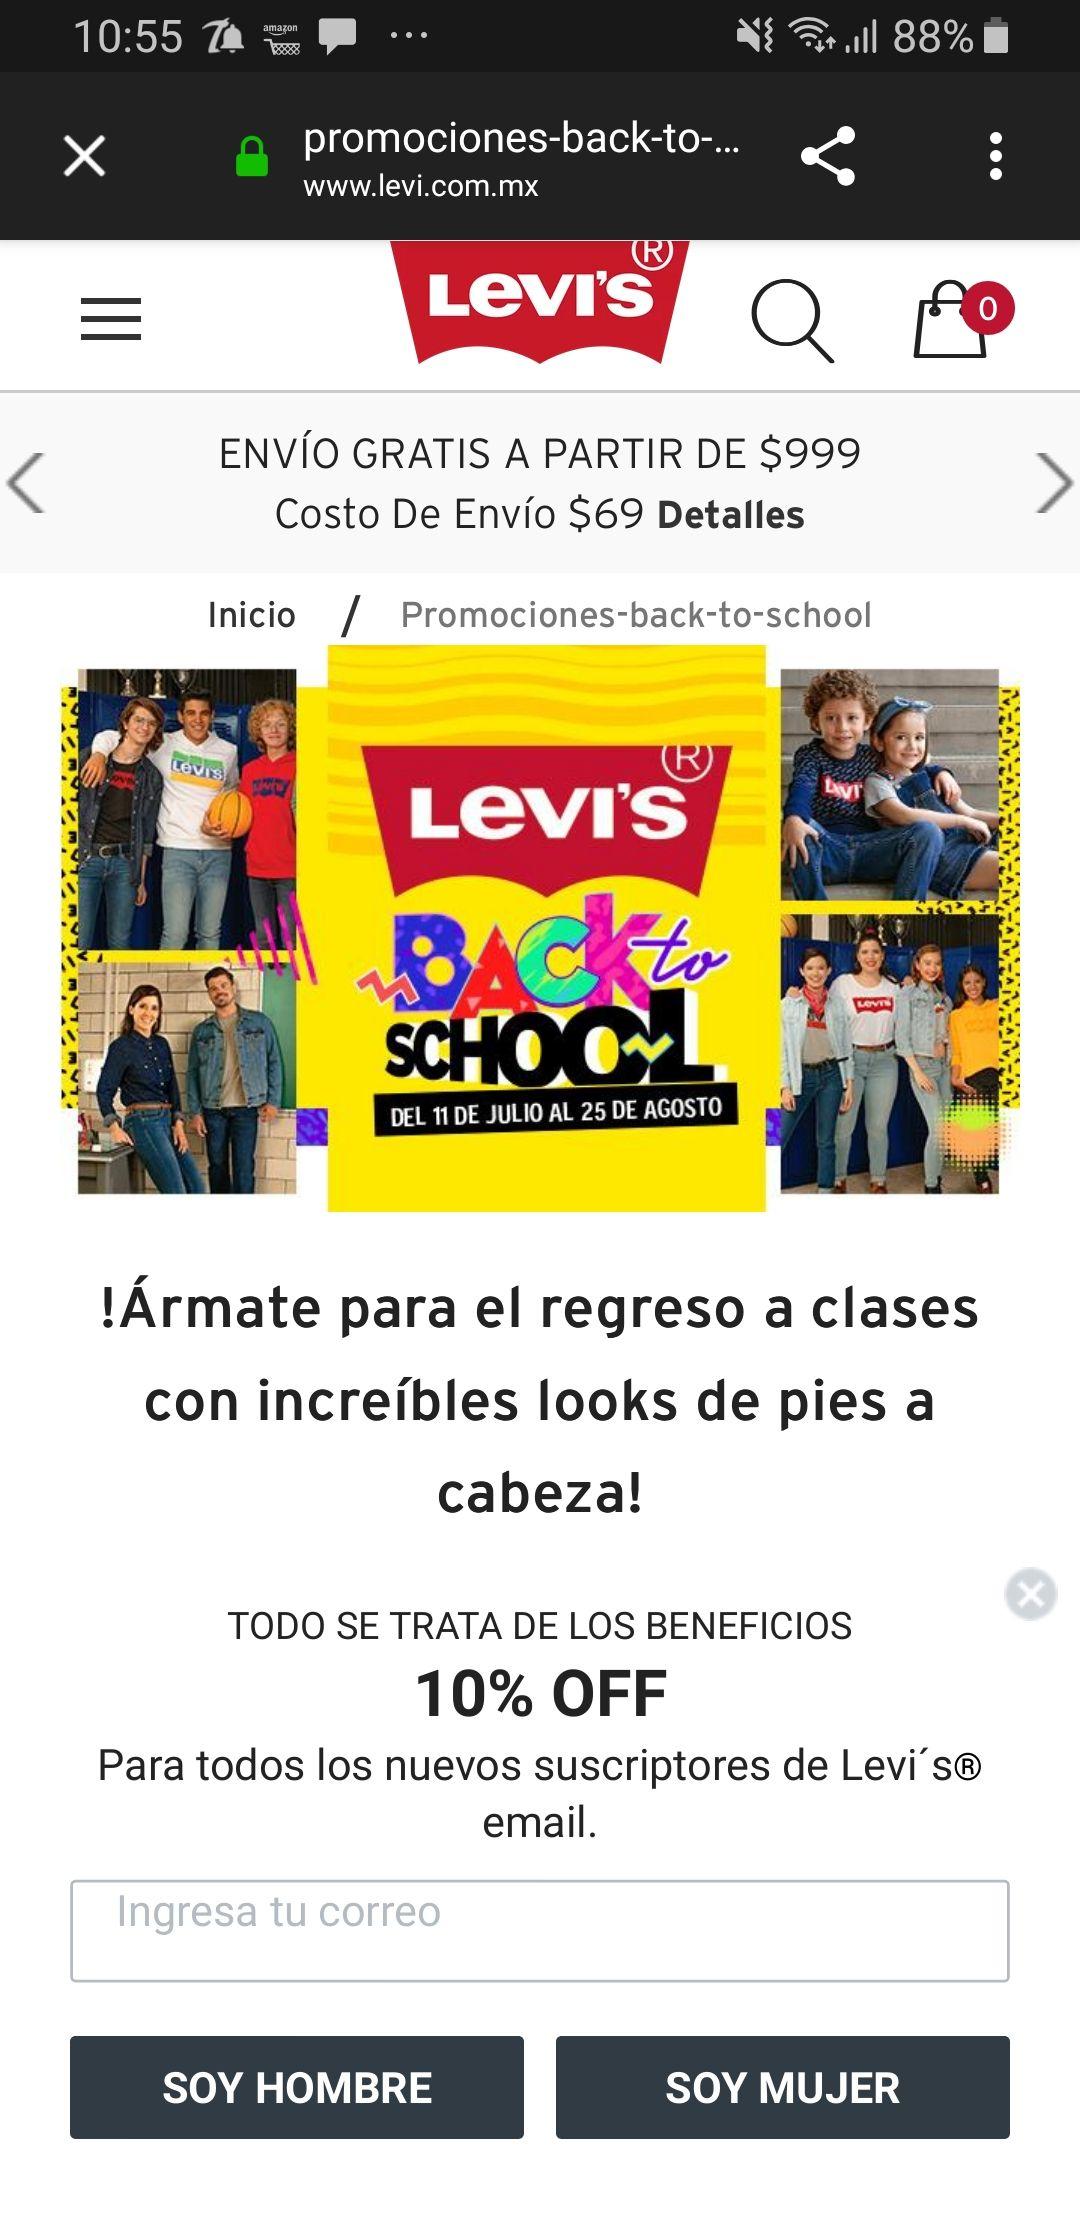 Levi's Back to School: 3x2 + 6 MSI o 35% de descuento en tiendas departamentales